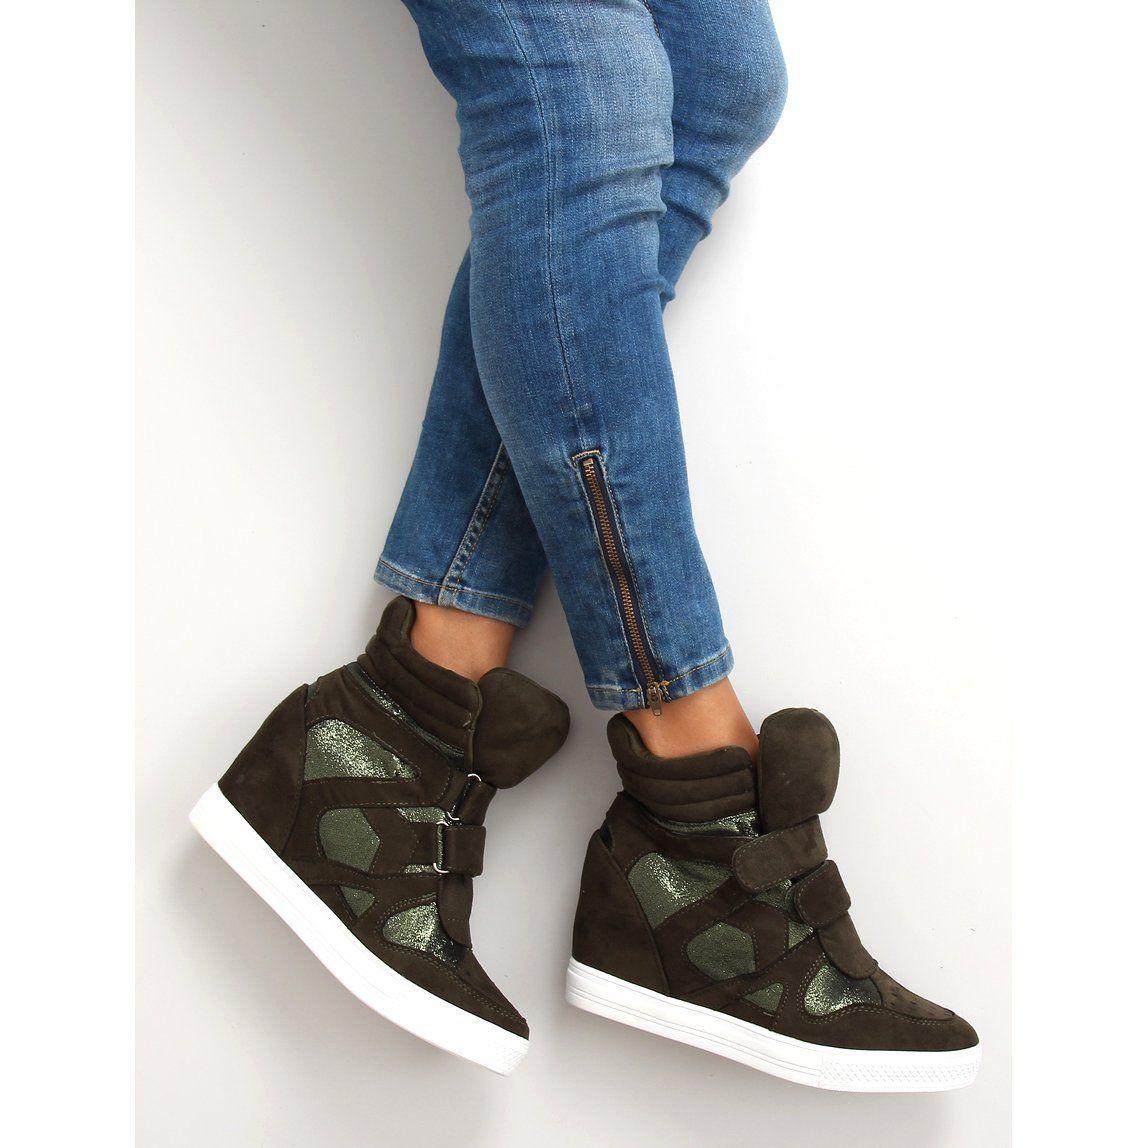 Sportowe Damskie Obuwiedamskie Zielone Zamszowe Sneakersy Zapiecie Na Rzep Fa147 Obuwie Damskie Wedge Sneaker High Top Sneakers Shoes